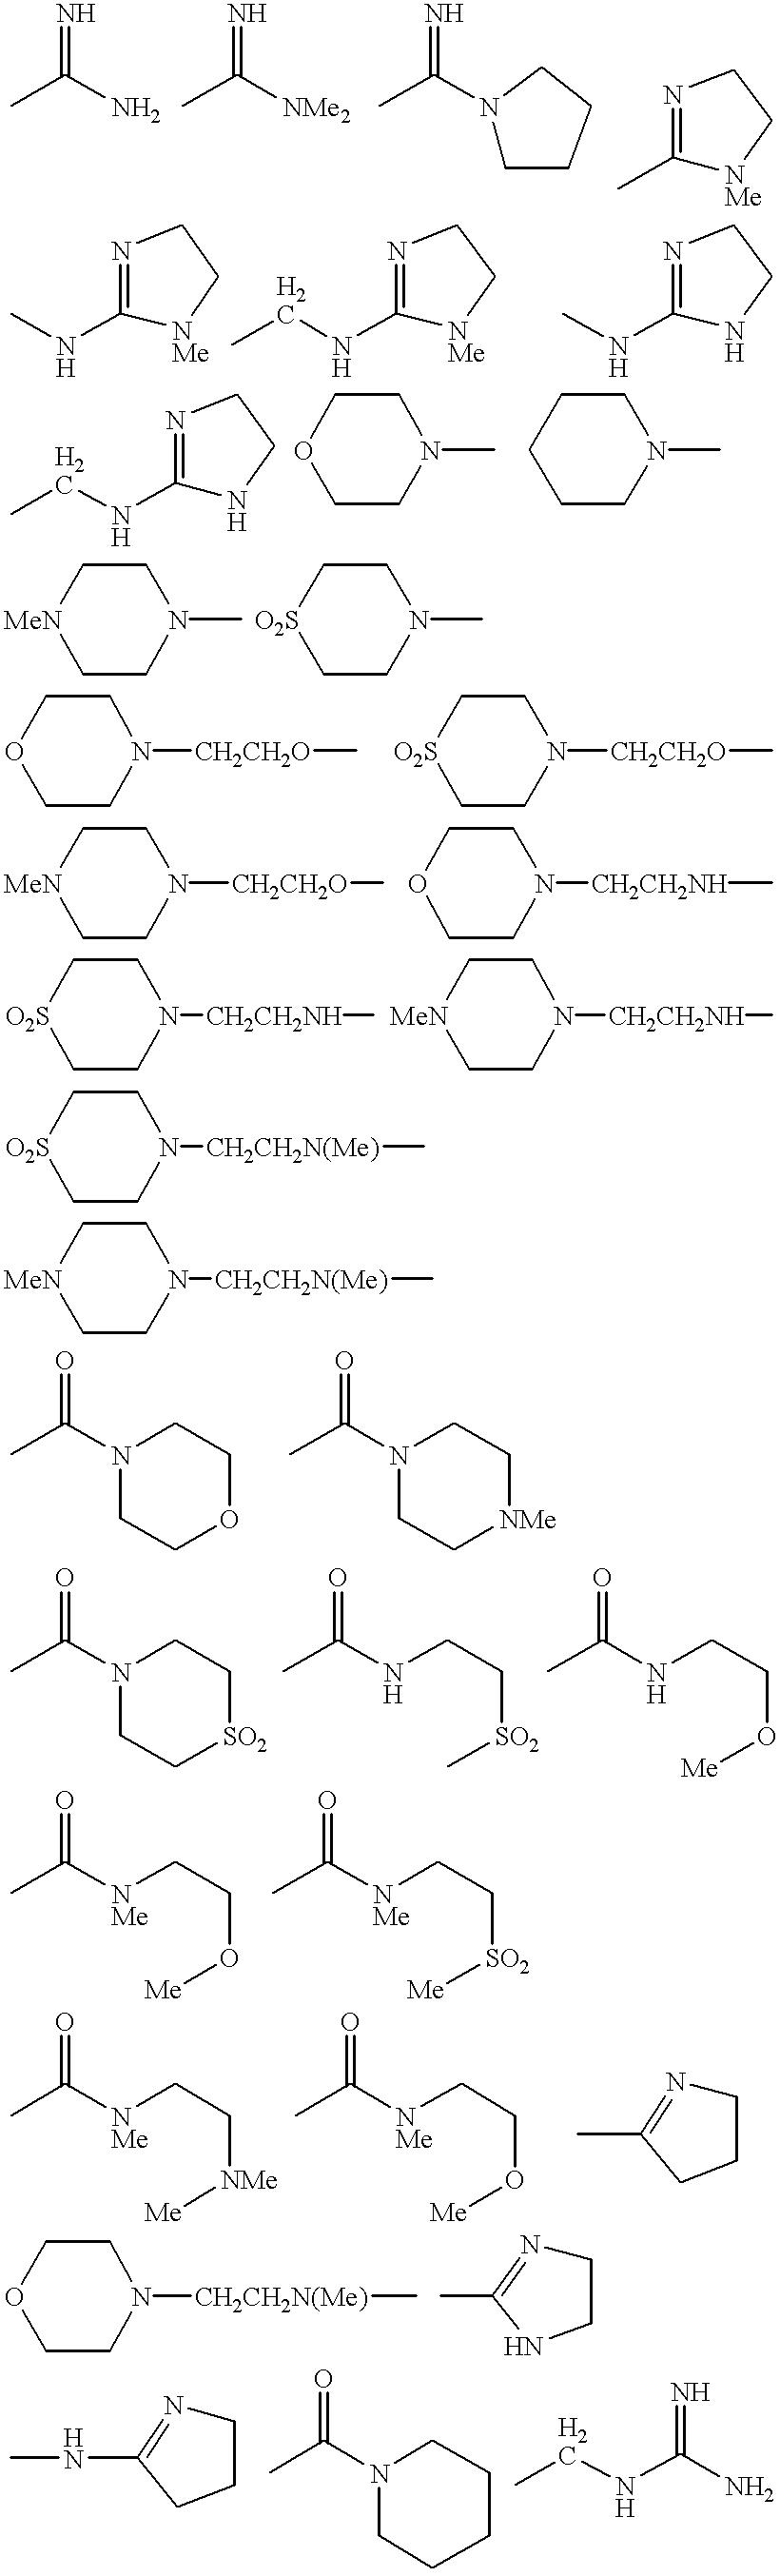 Figure US06376515-20020423-C00036